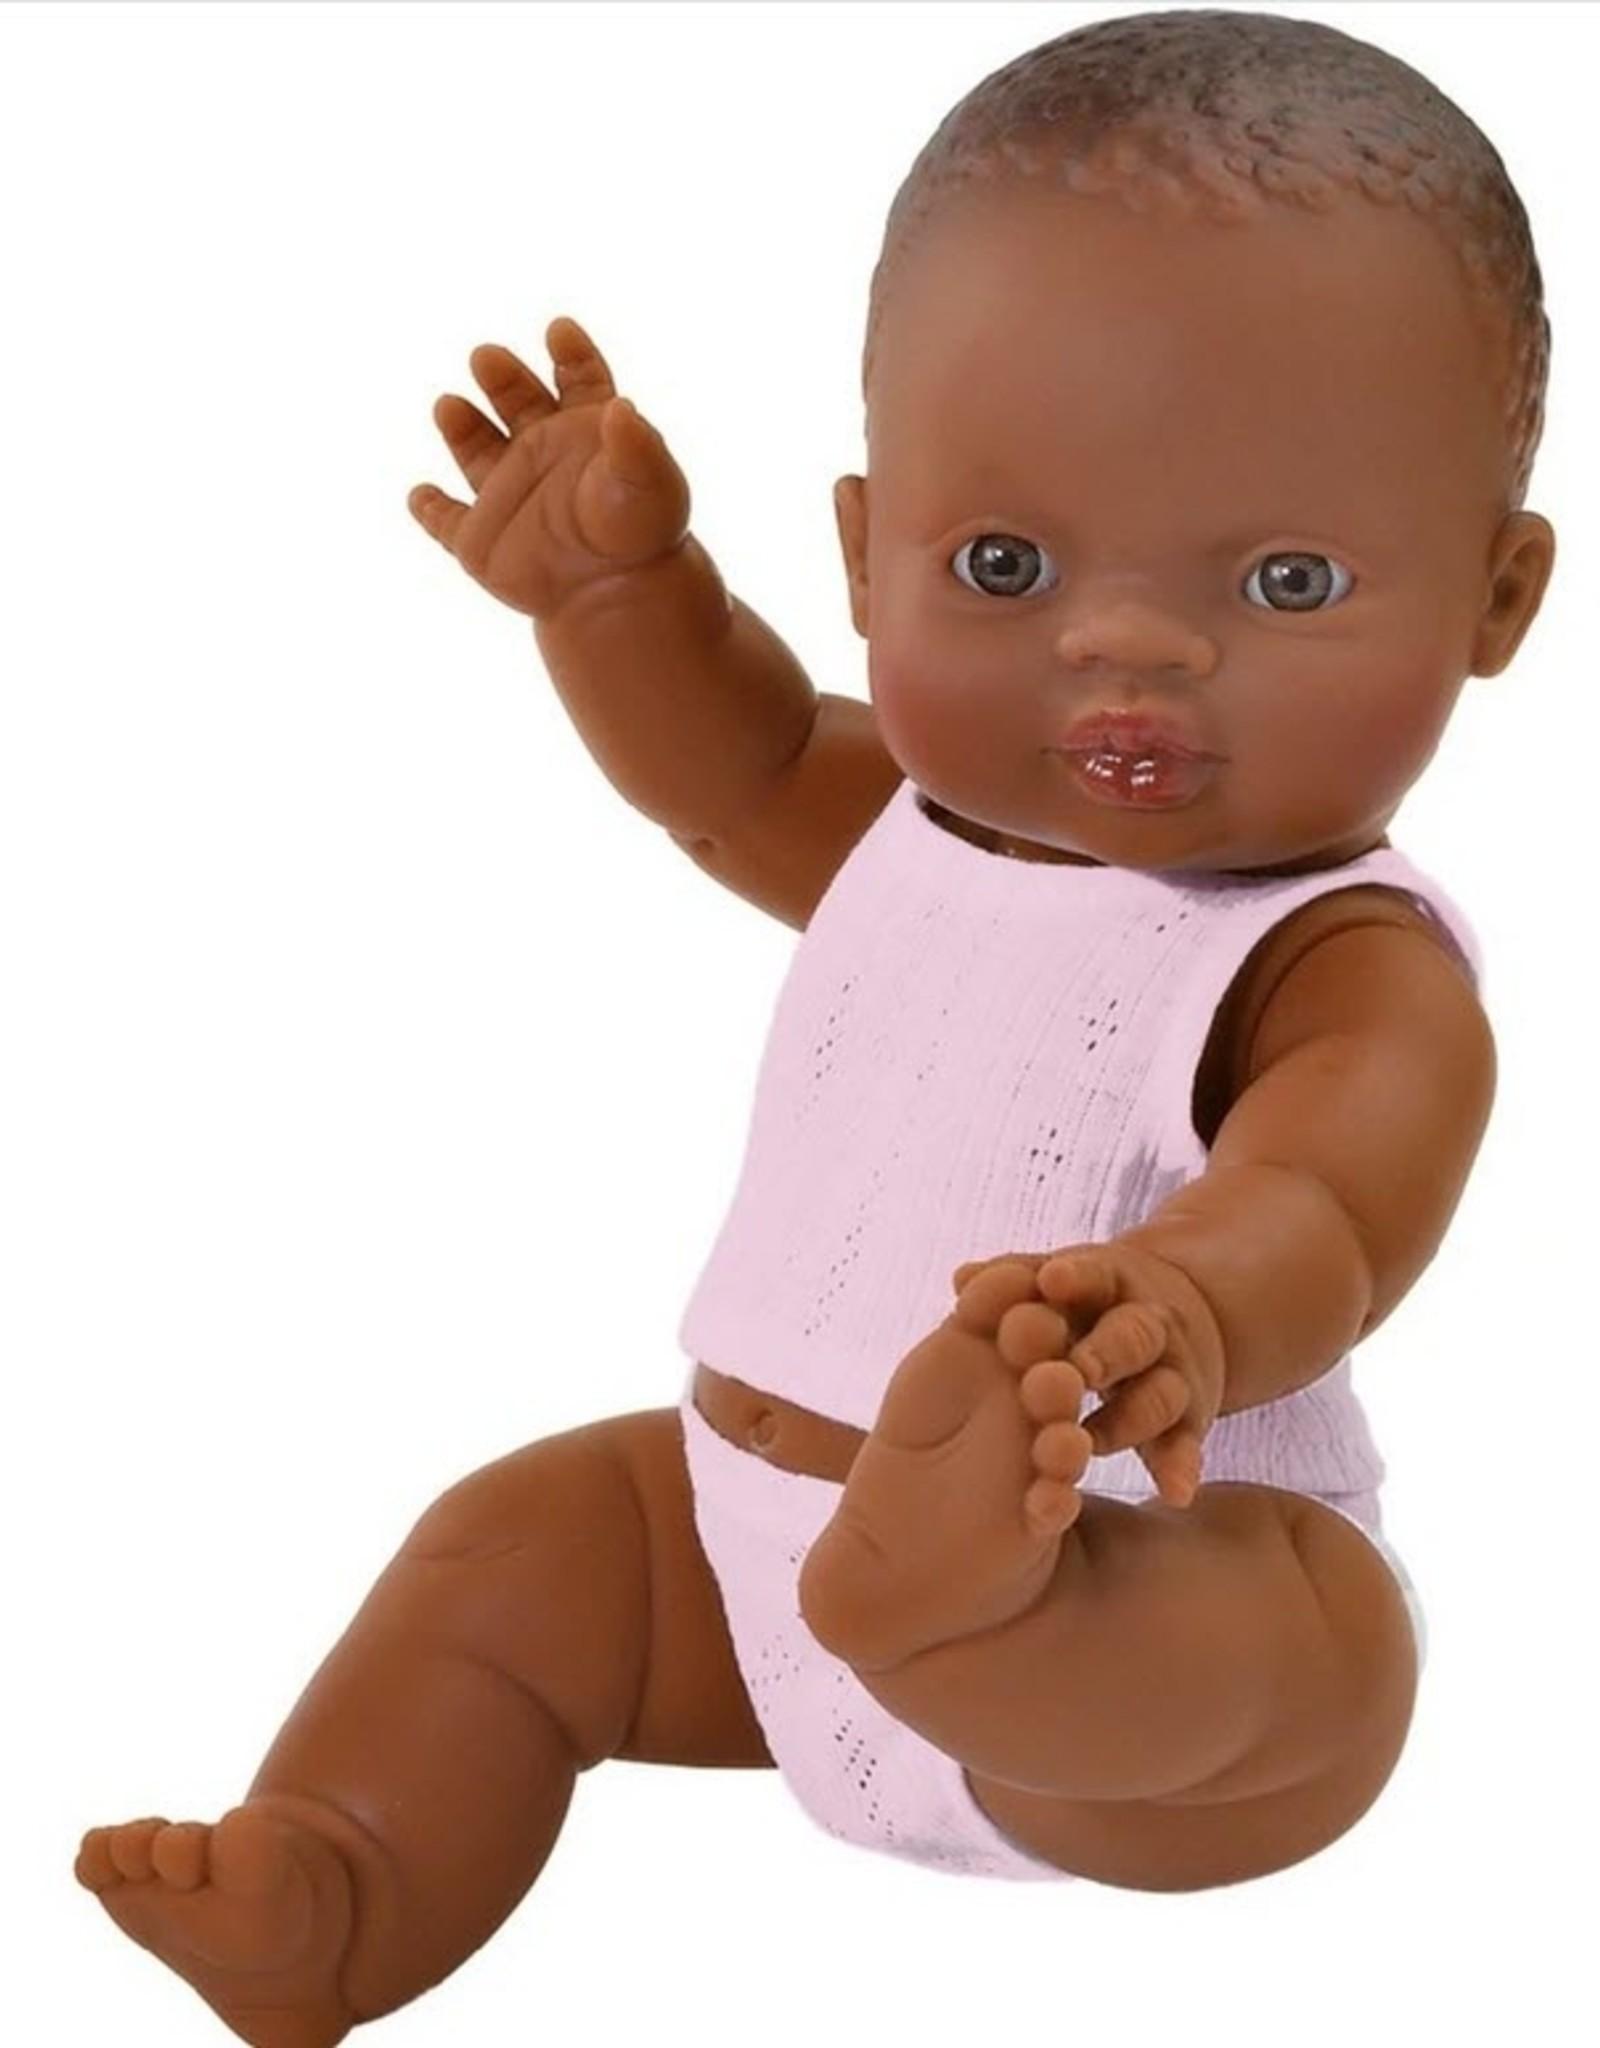 Paola Reina Paola Reina - Gordis Doll Clothing Pink 34cm